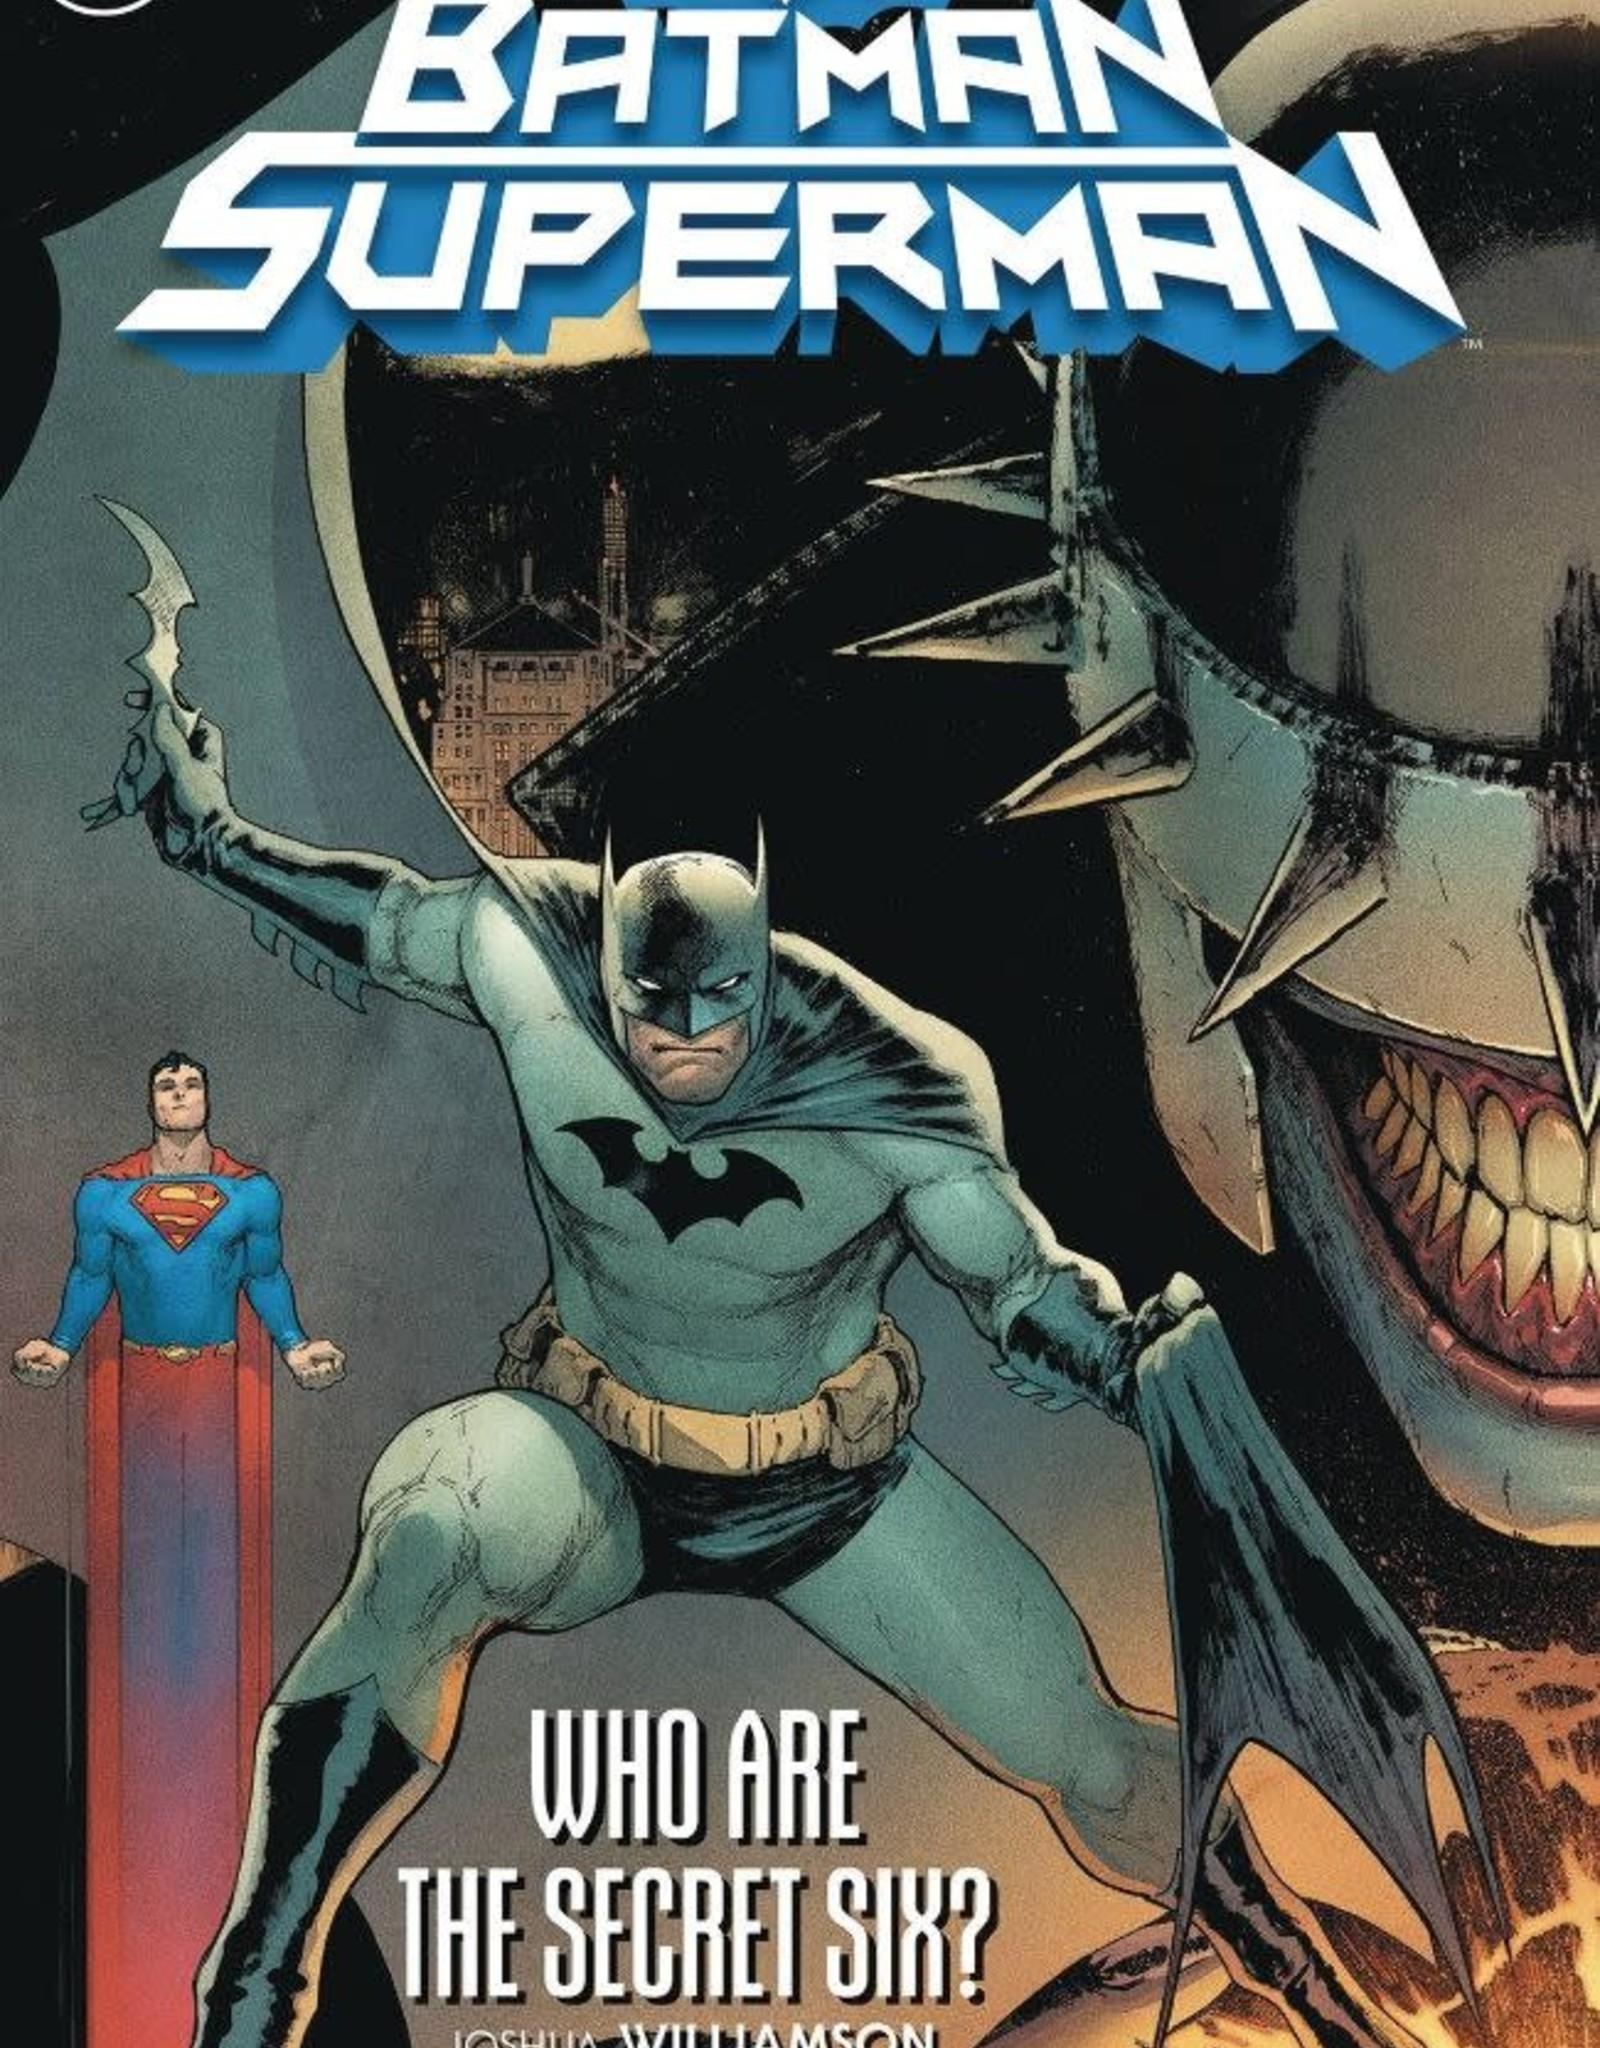 DC Comics Batman Superman HC Vol 1 Who are the Secret Six